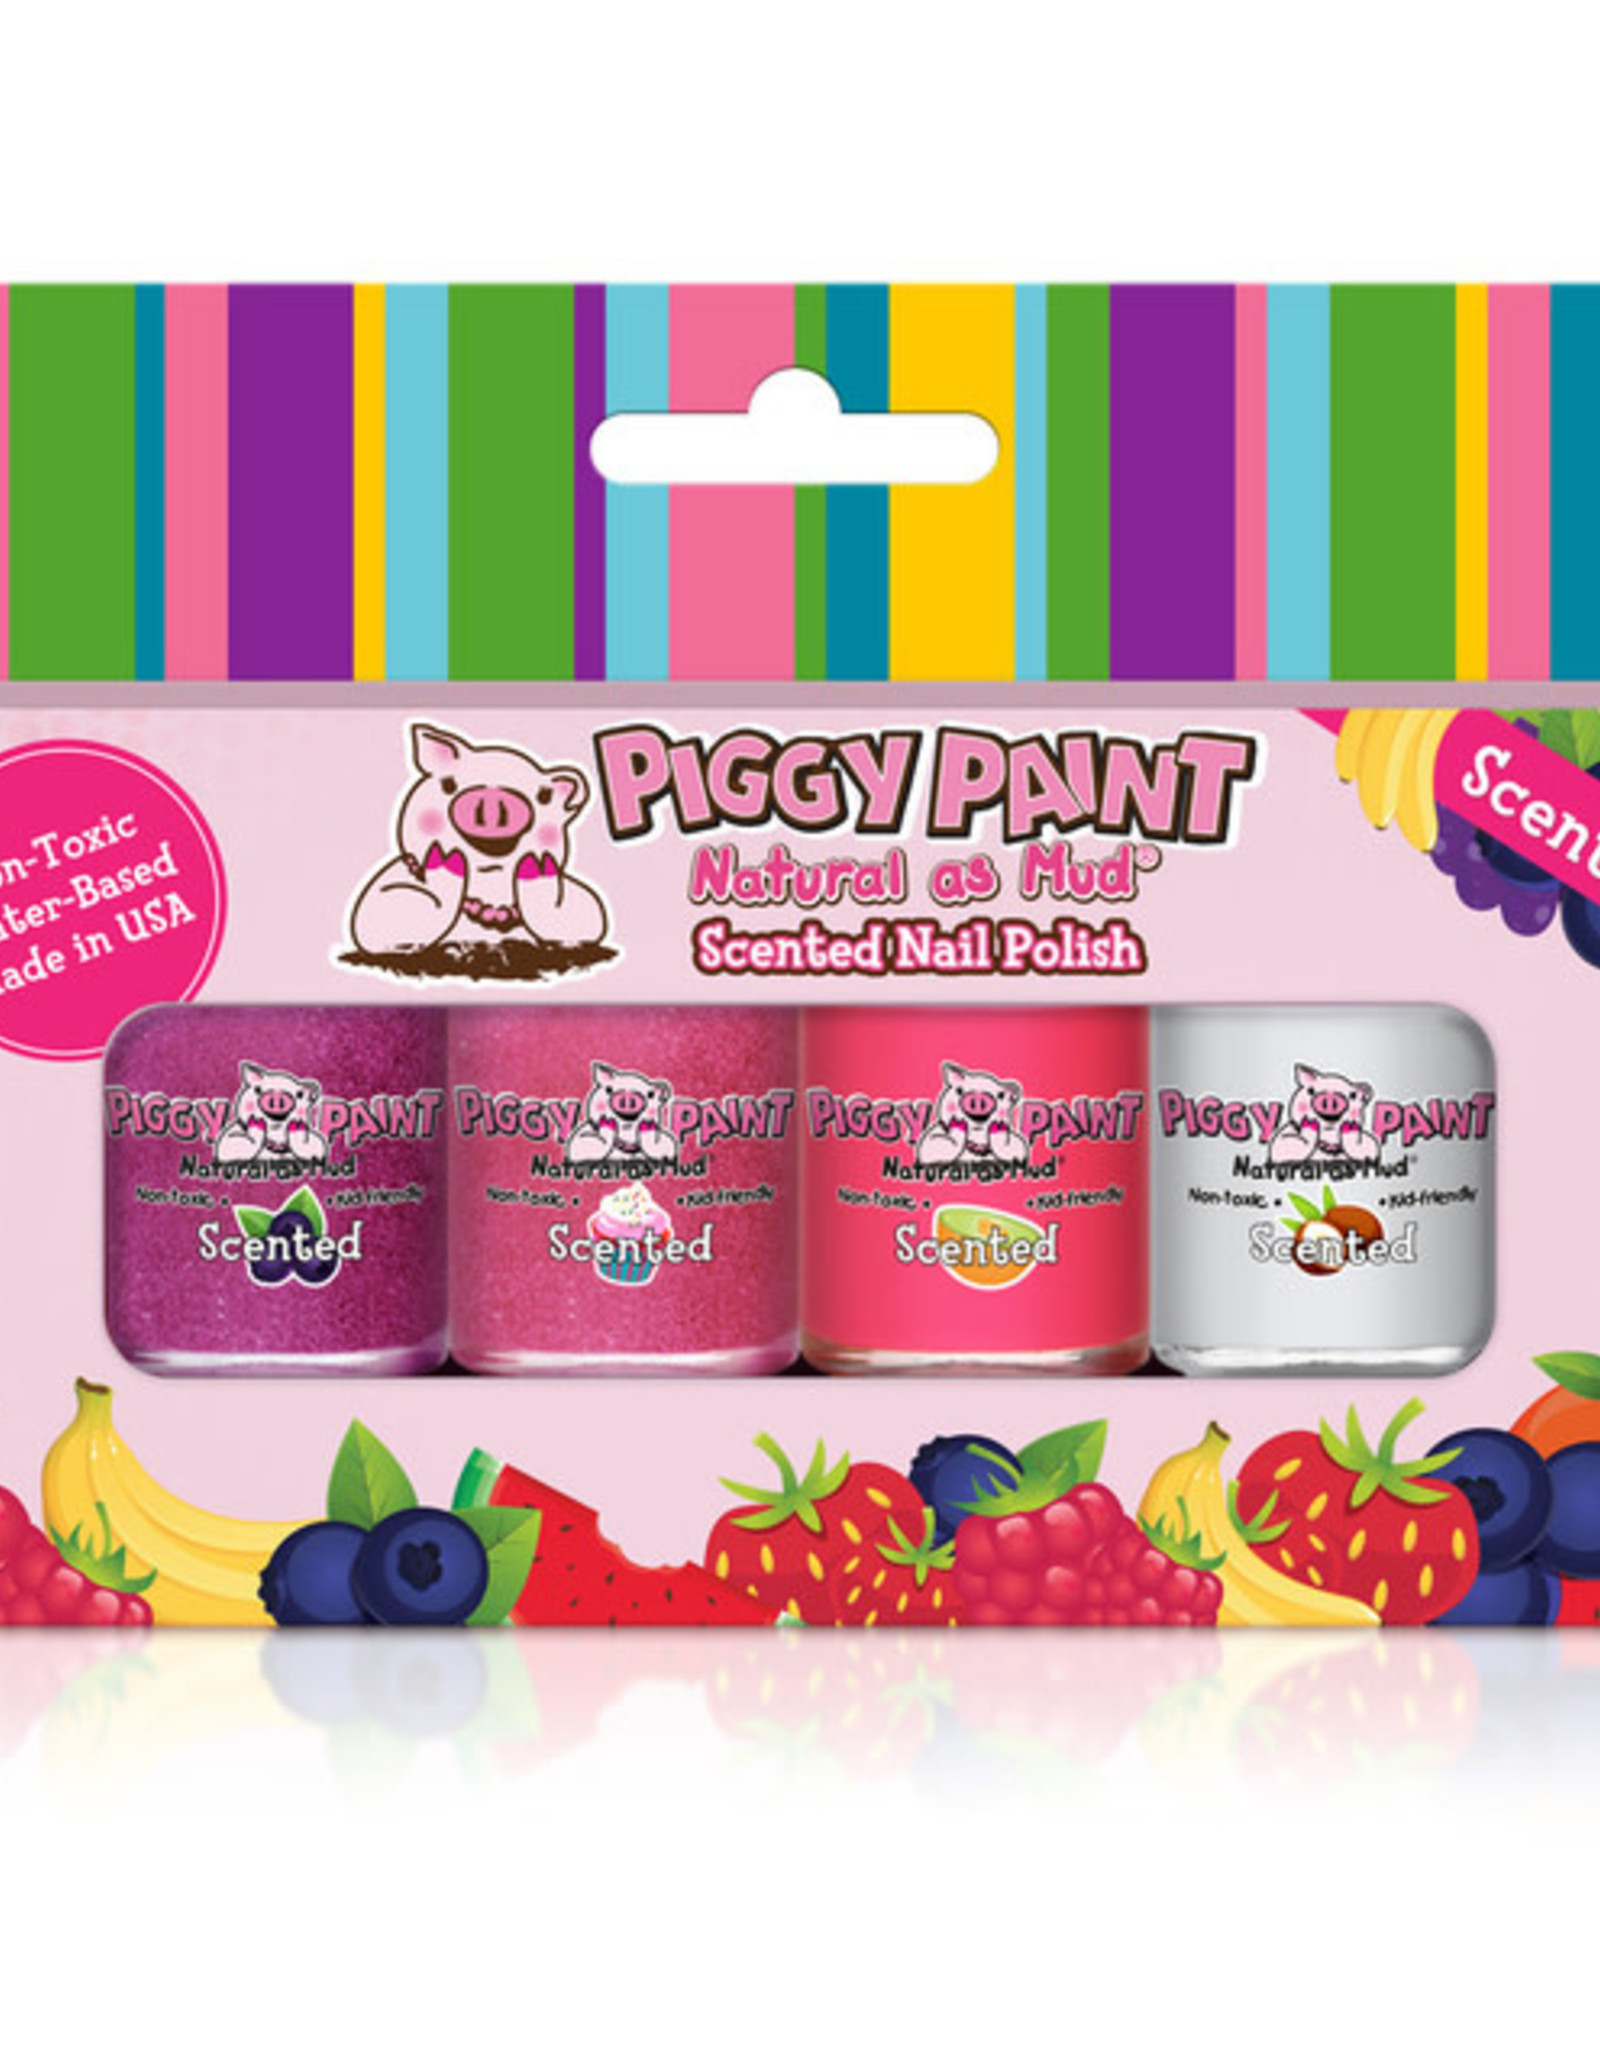 Piggy Paint Piggy Paint Scented Sweet Treats Set